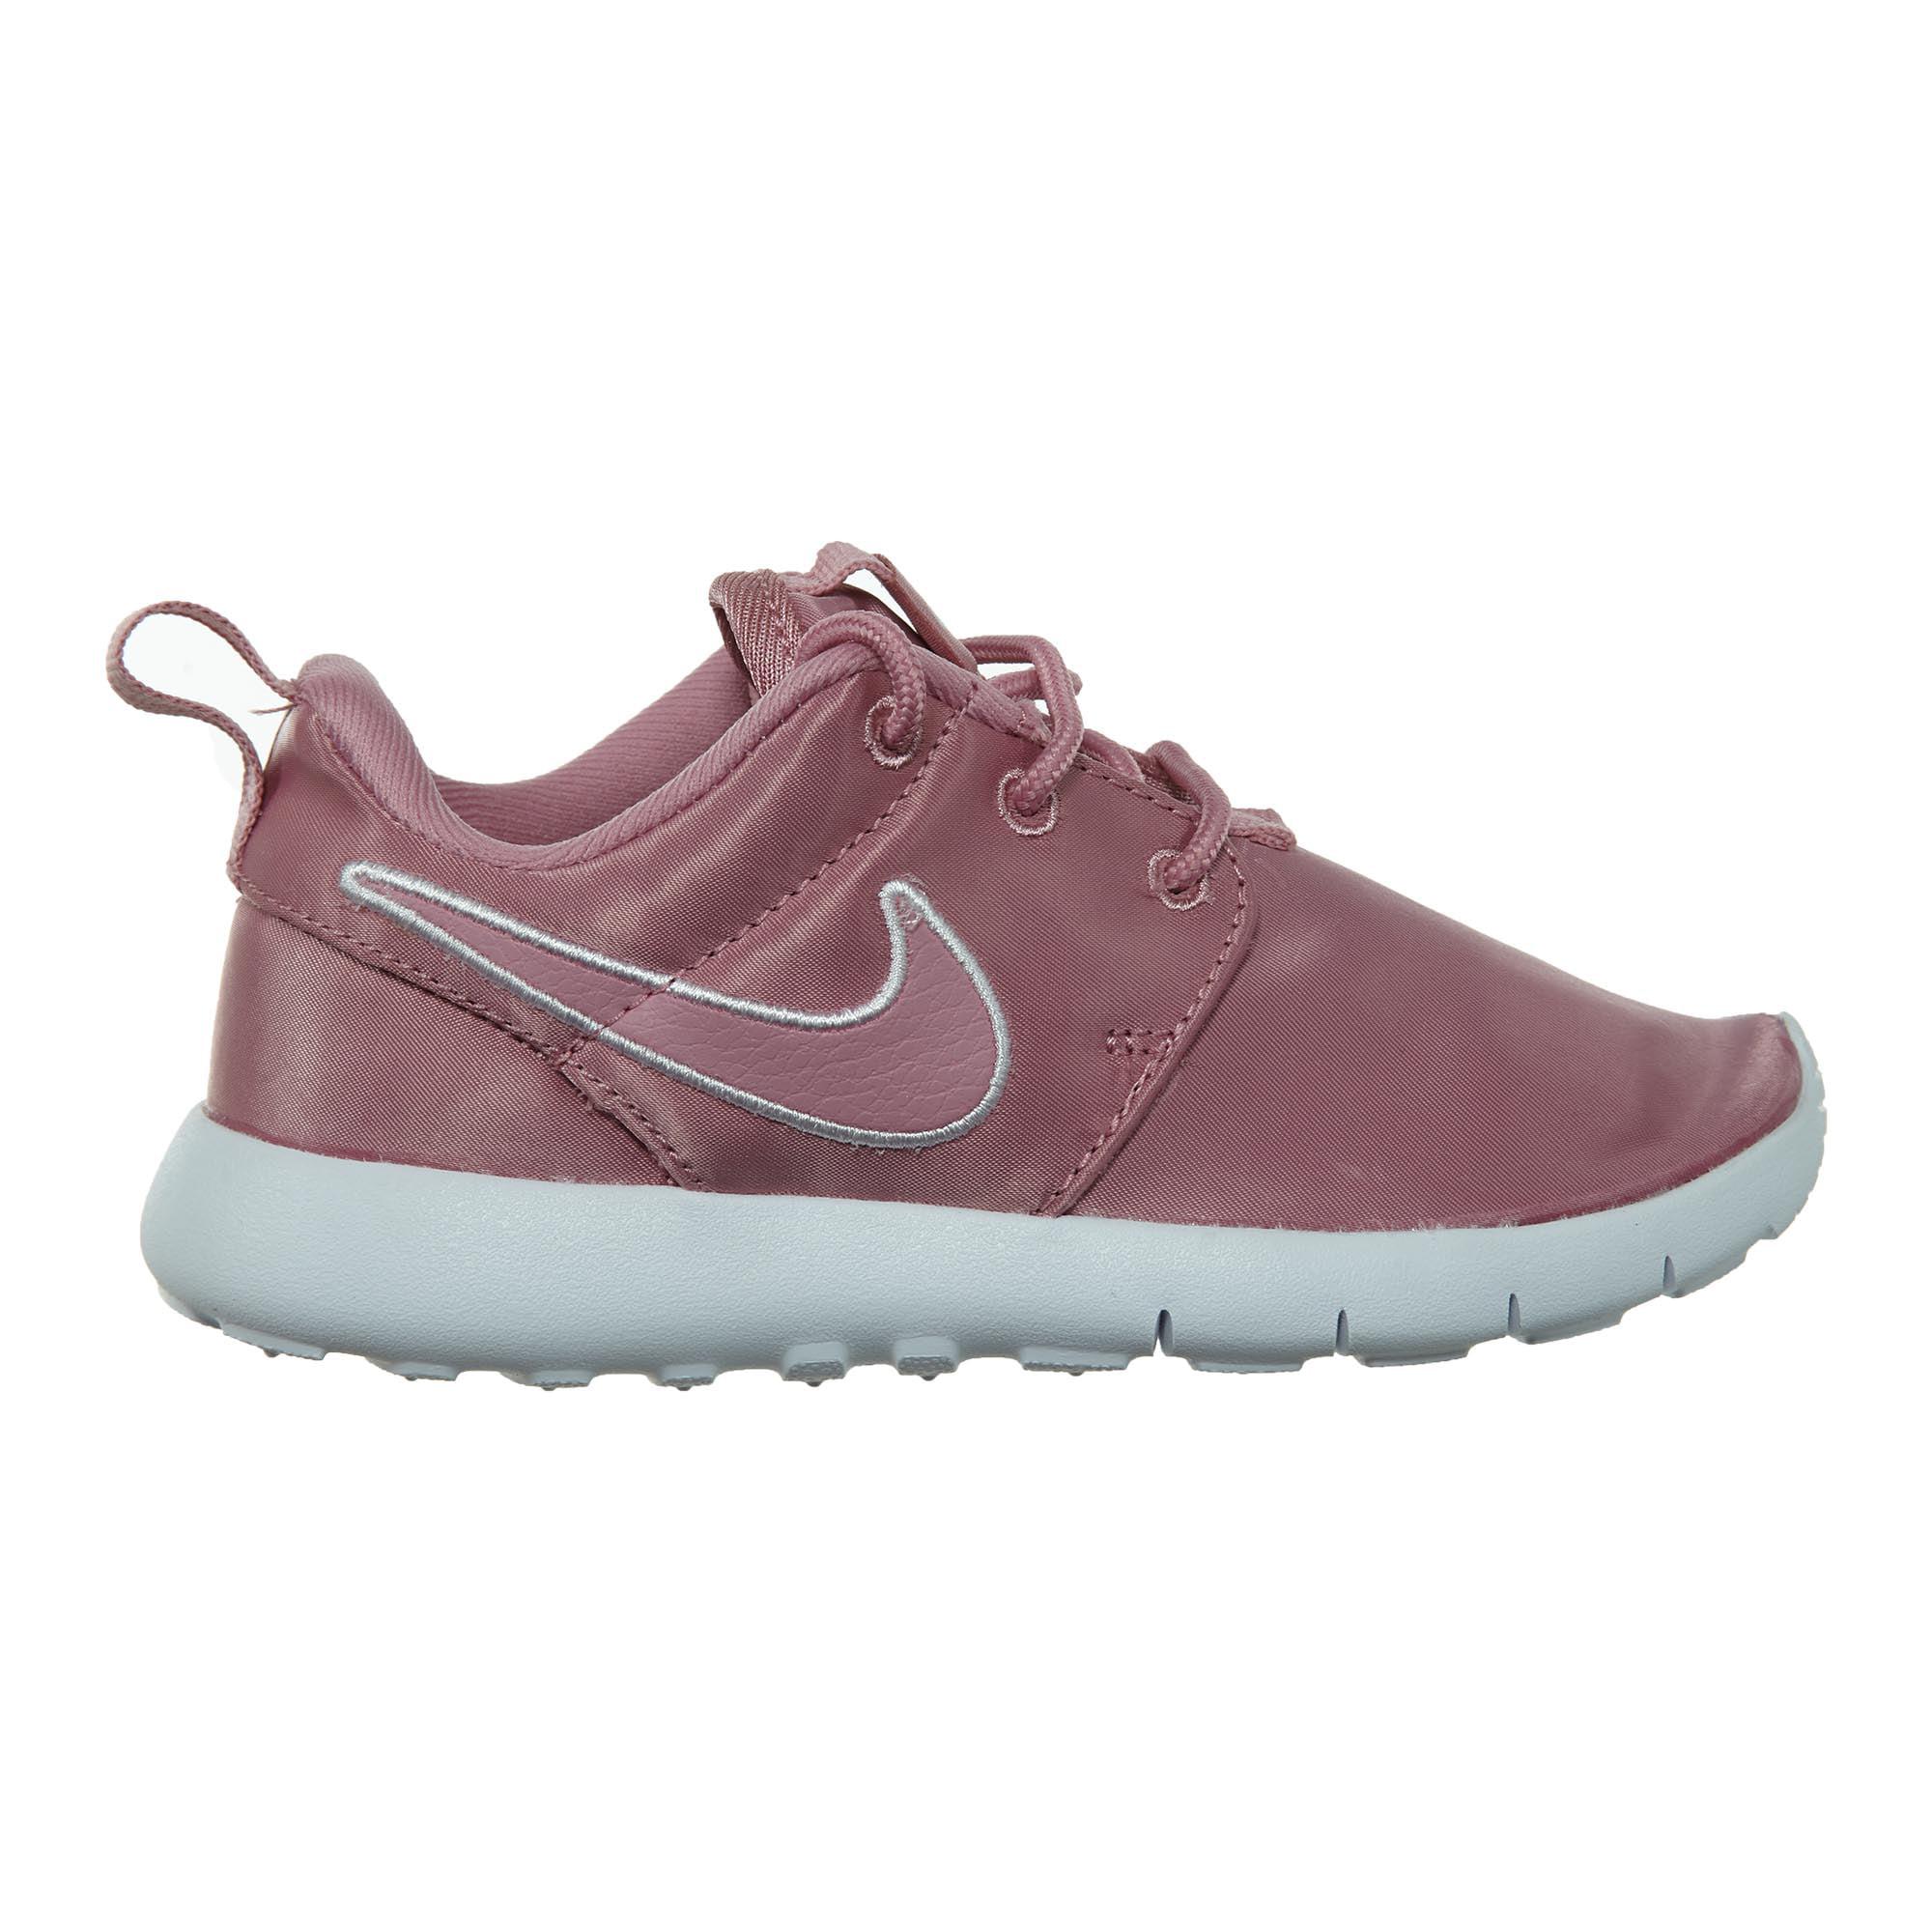 af78ed4cfaaf Nike Roshe One Little Kid s Shoes Elemental Pink 749422-618 - Walmart.com